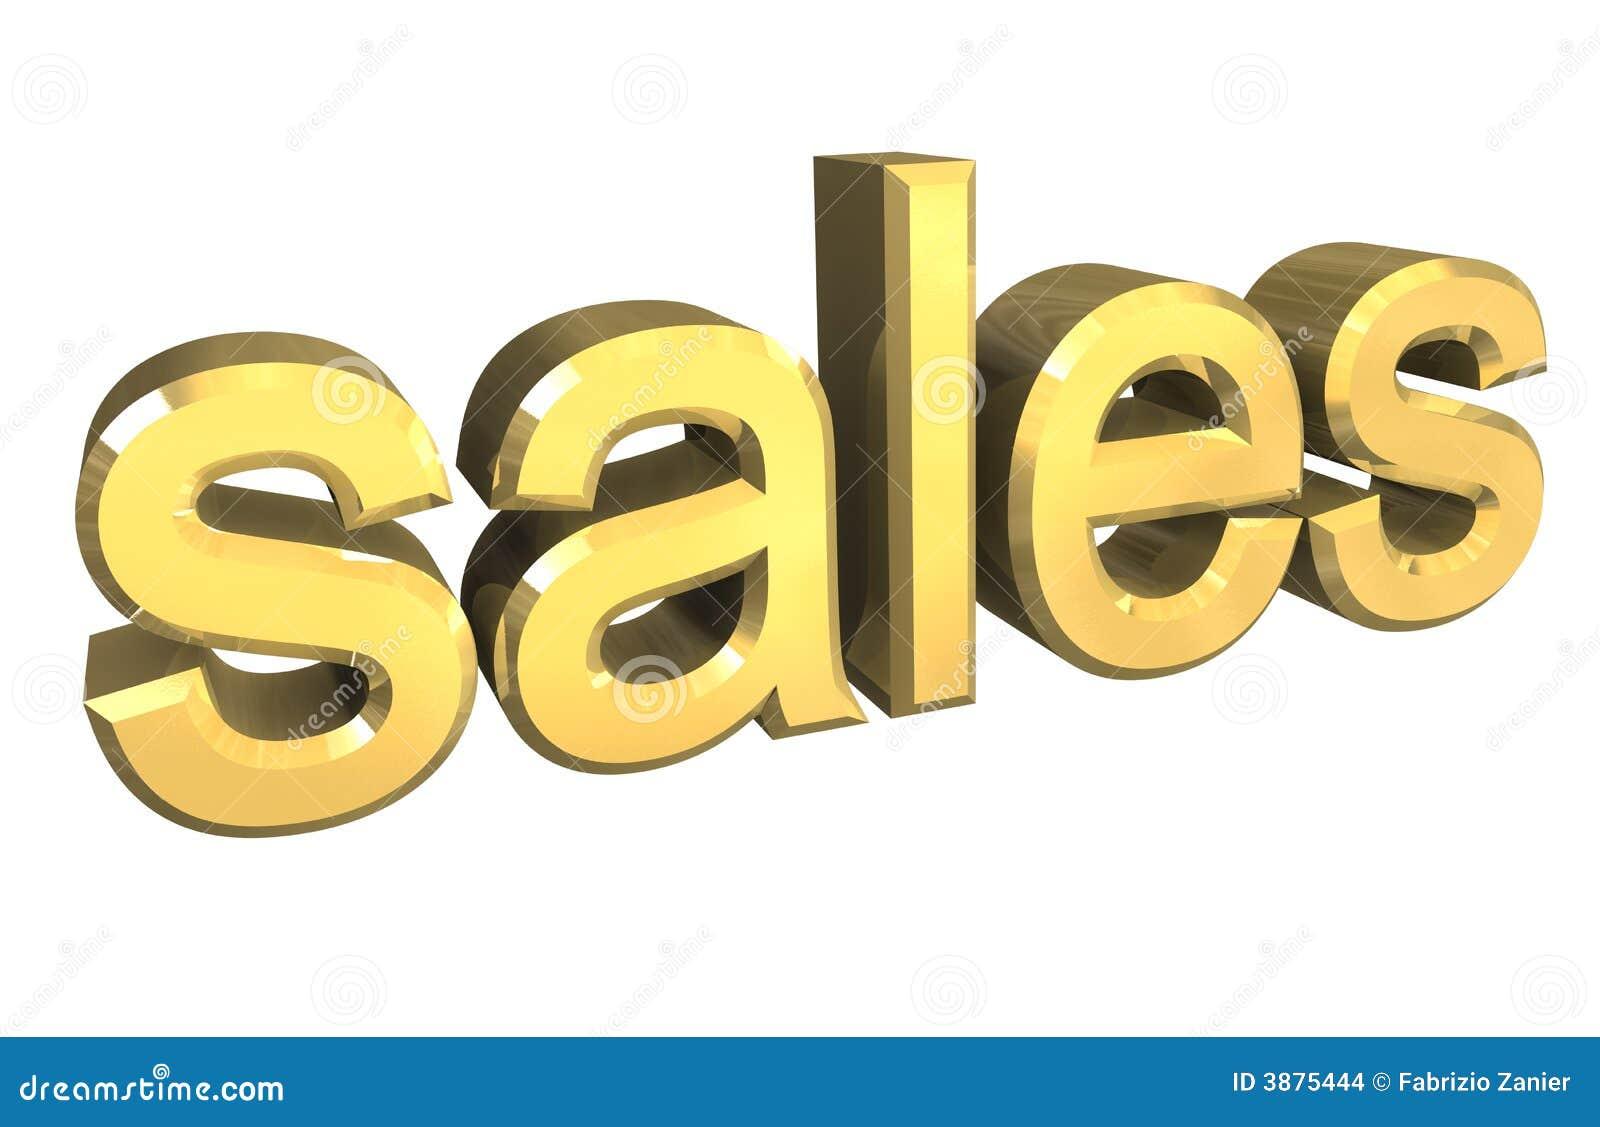 Simbolo isolato di vendite in oro - 3d